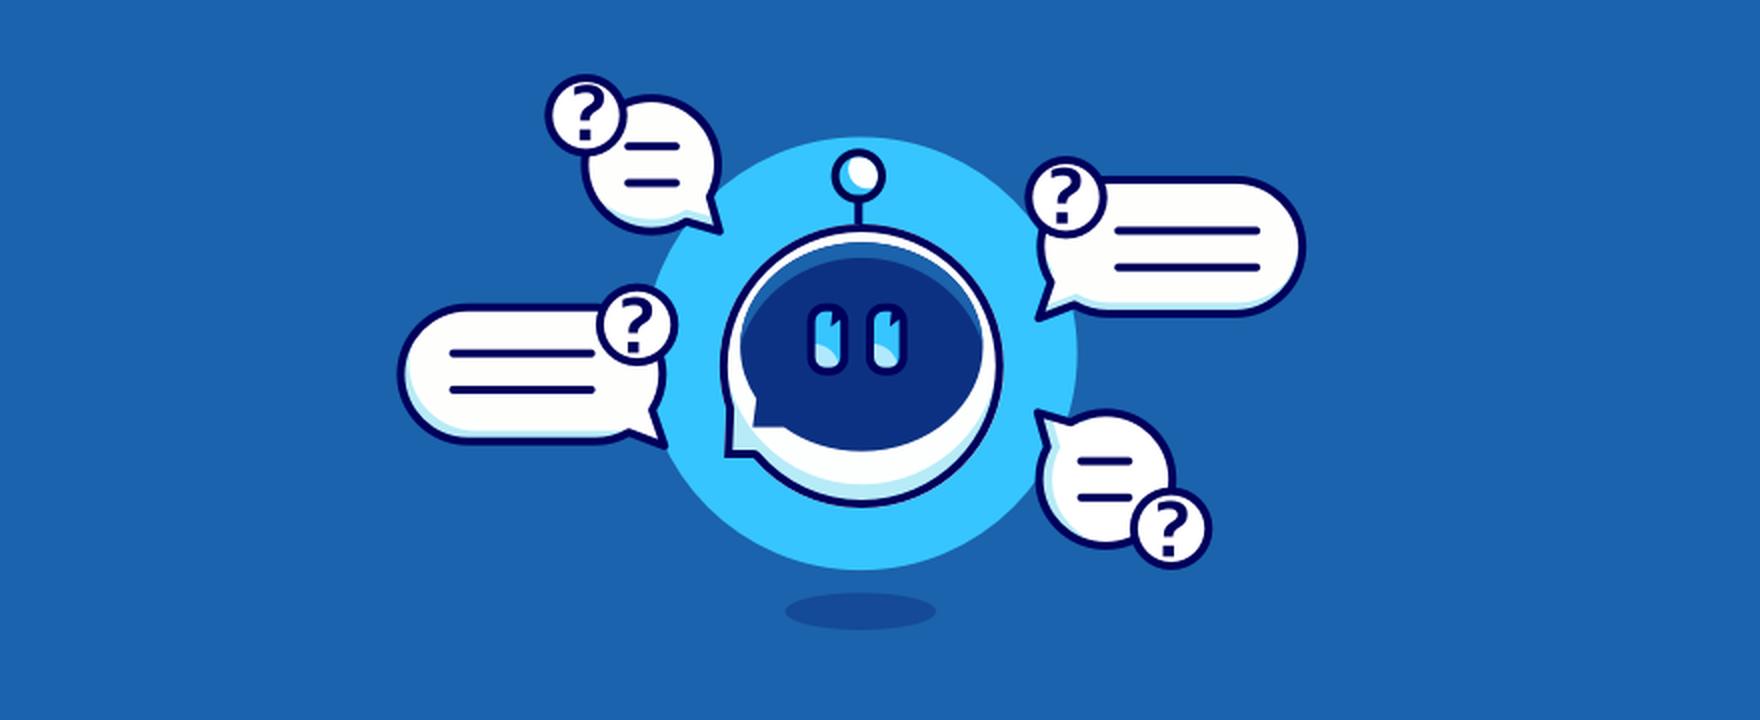 Un nuovo paradigma di interazione con la tecnologia: Chatbot e Virtual Assistant